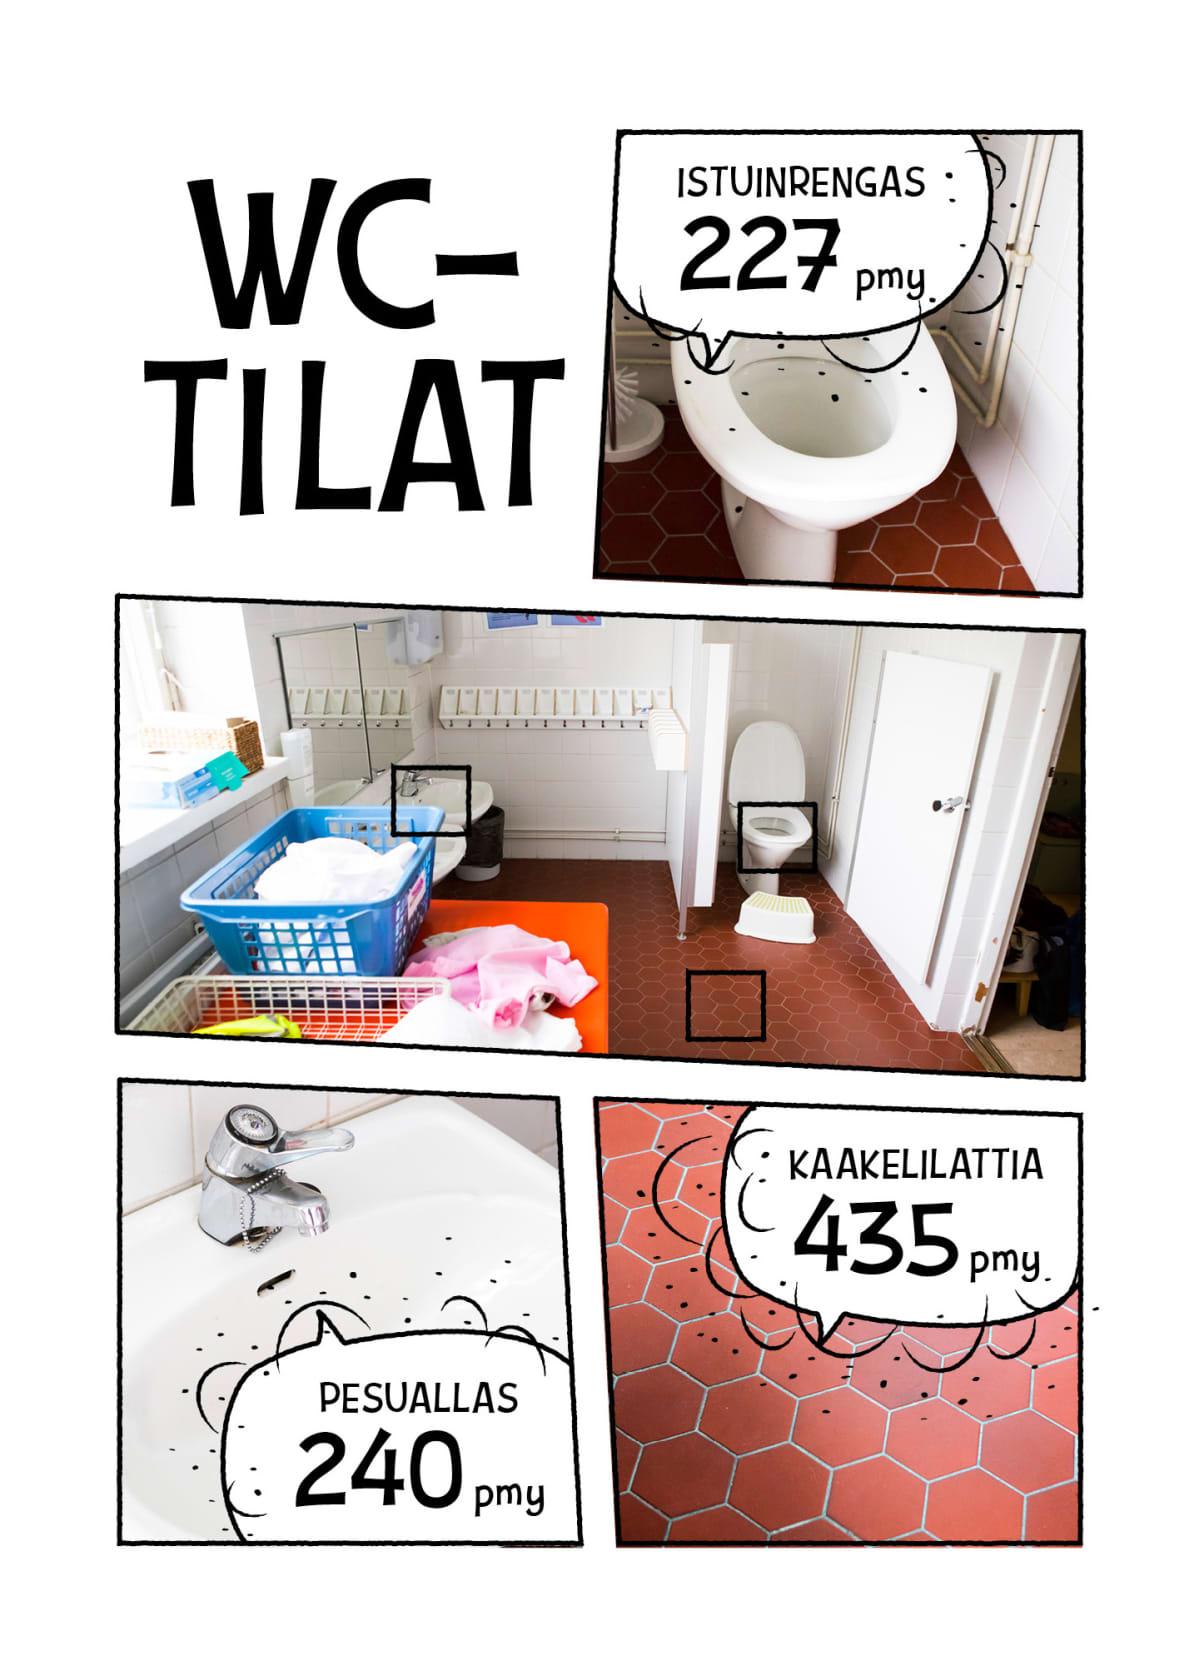 Pöpöt päiväkodin wc-tiloissa. Mittayksikkö pmy viittaa mikrobipesäkkeiden määrään.